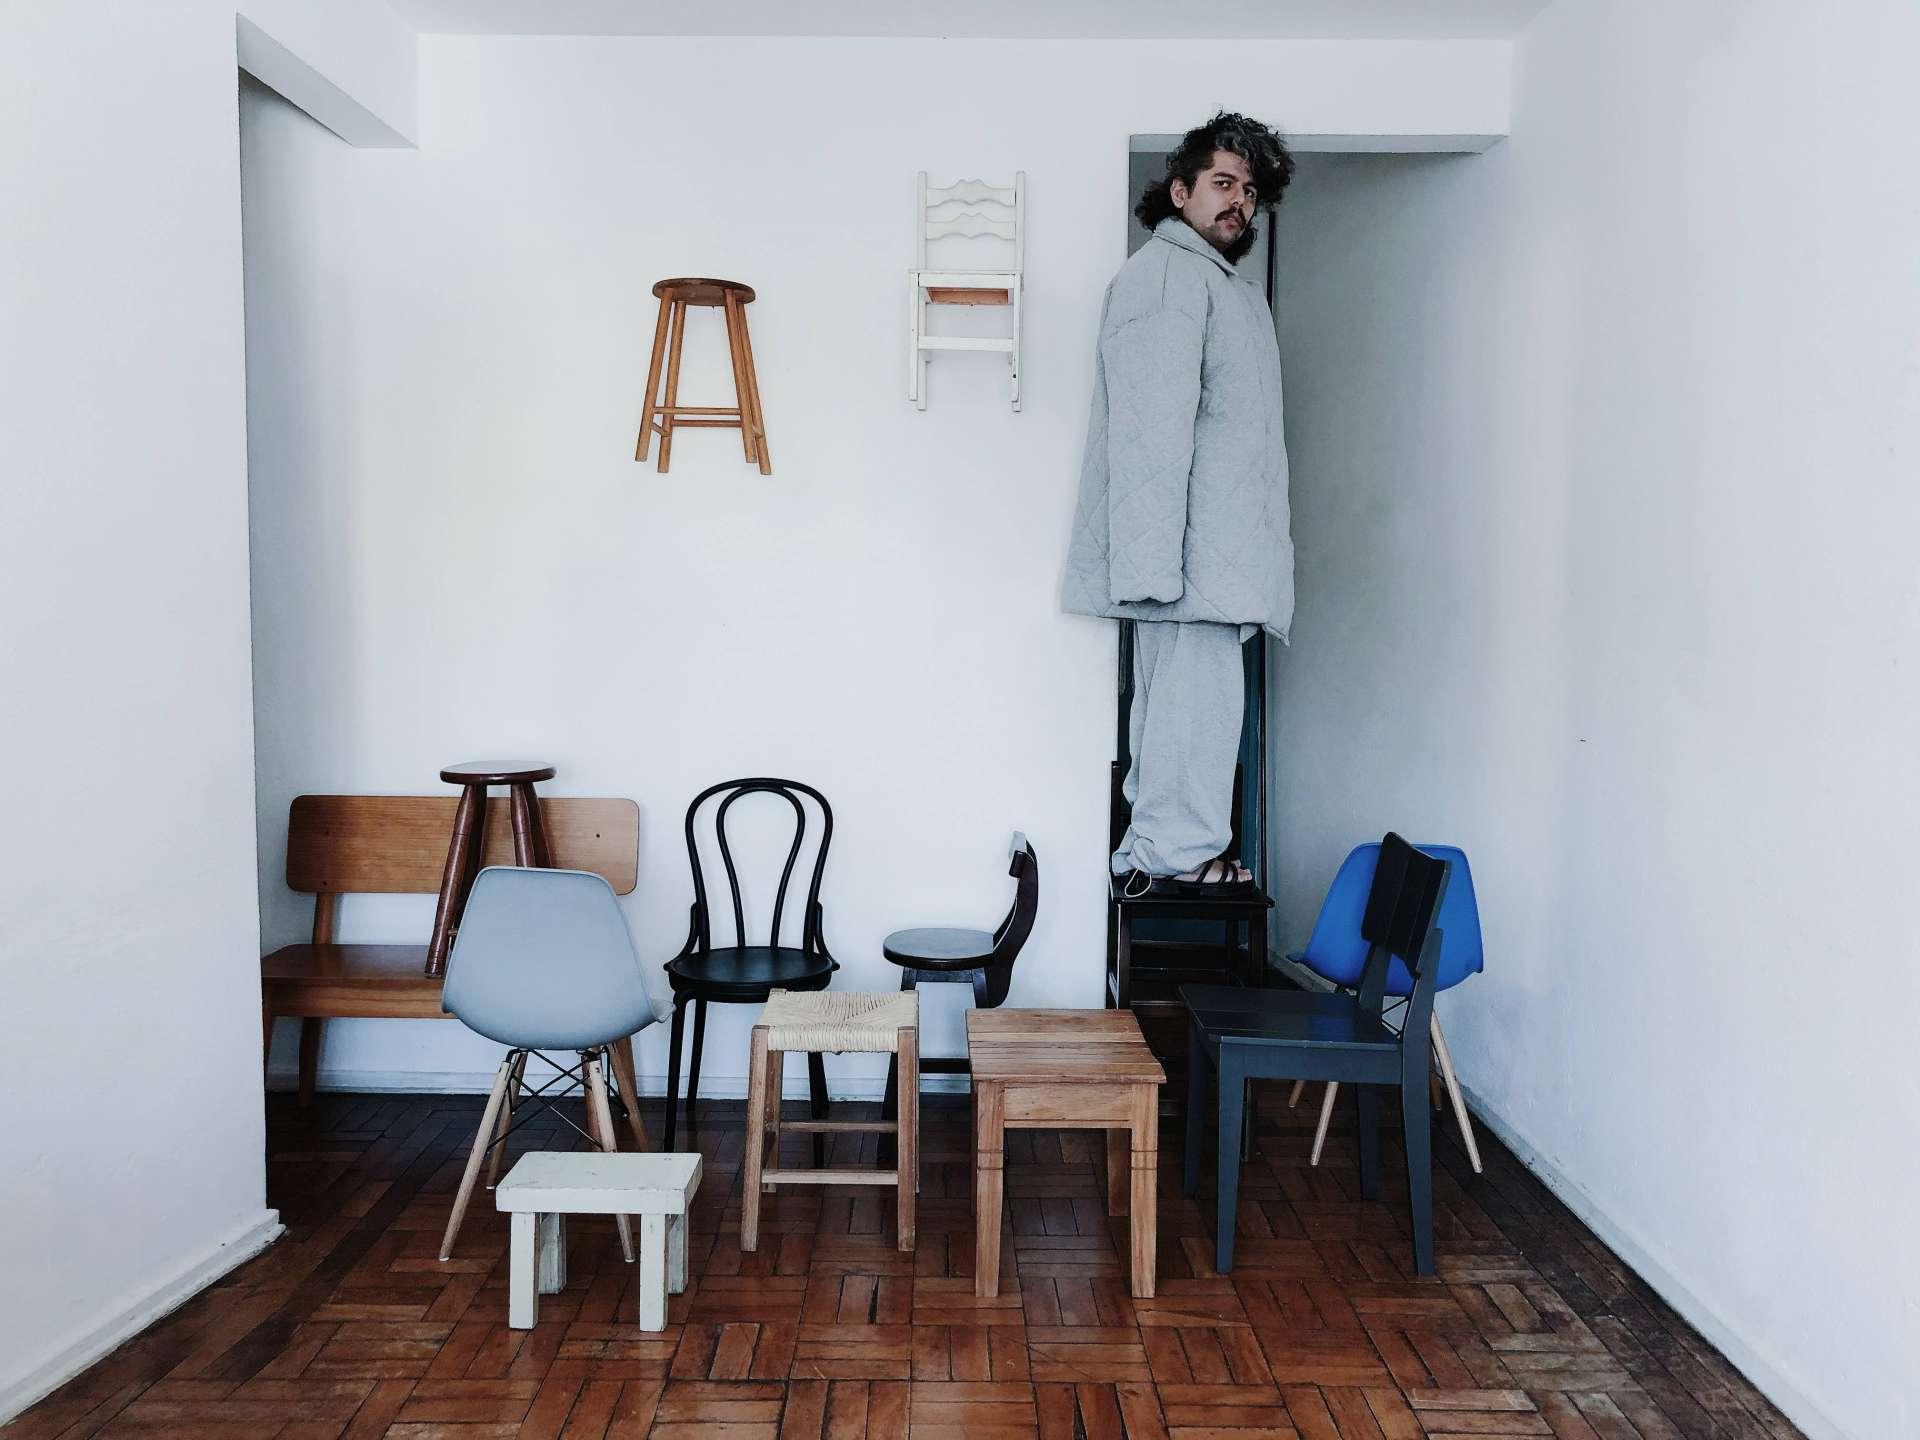 Cacau Francisco foi pesquisador em criatividade e processos criativos no coletivo Grupo Maior que Eu, situado na Casa do Povo (São Paulo)